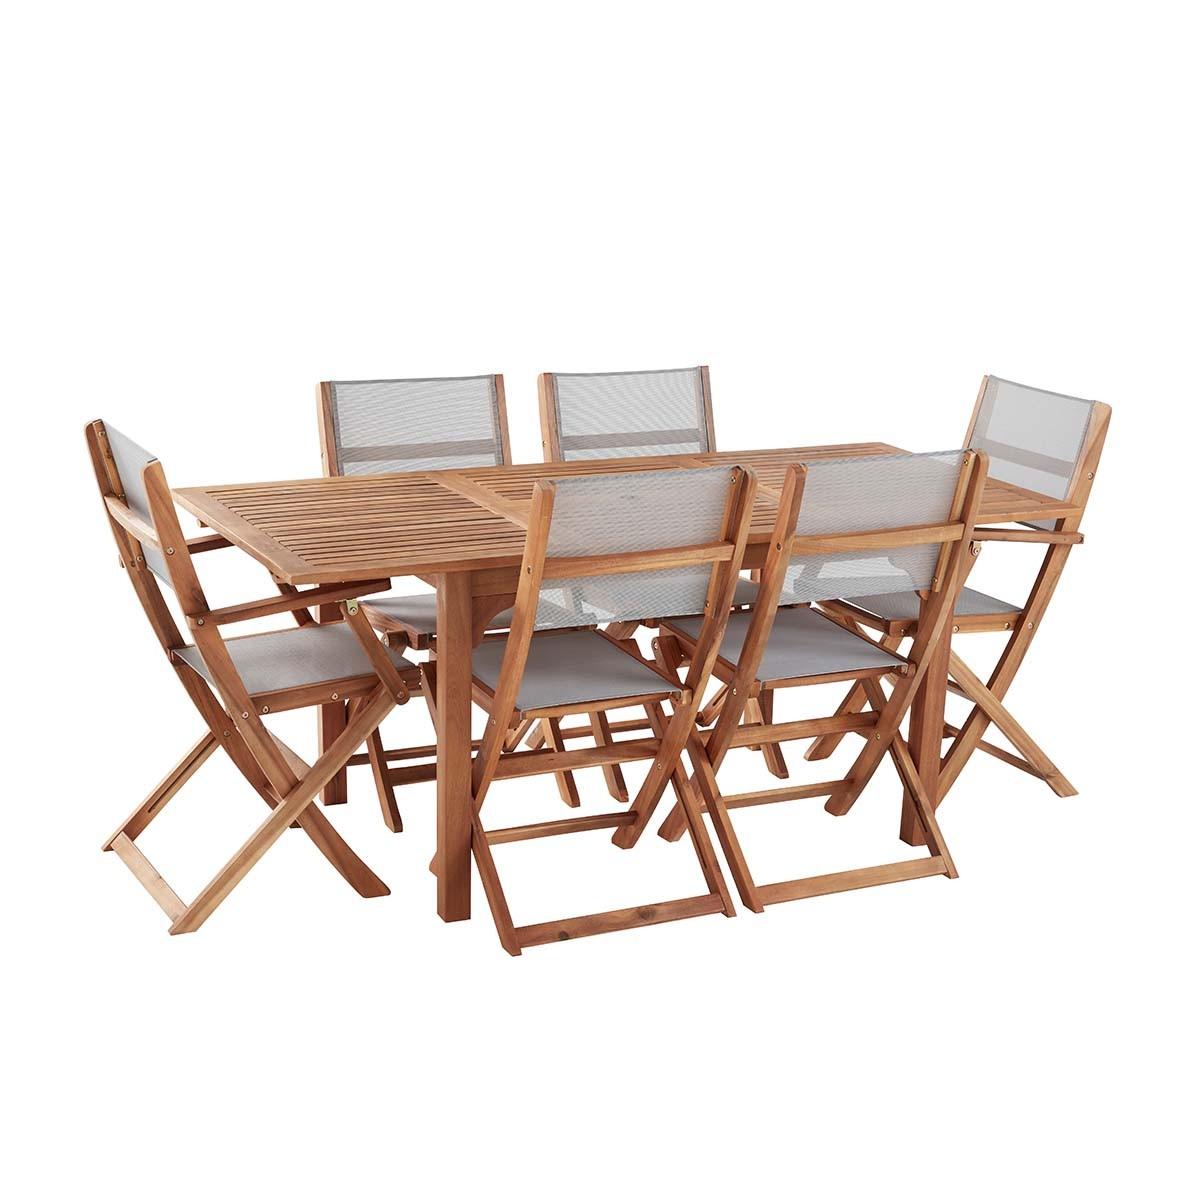 Salon de jardin en bois d'acacia et textilène gris 6 places